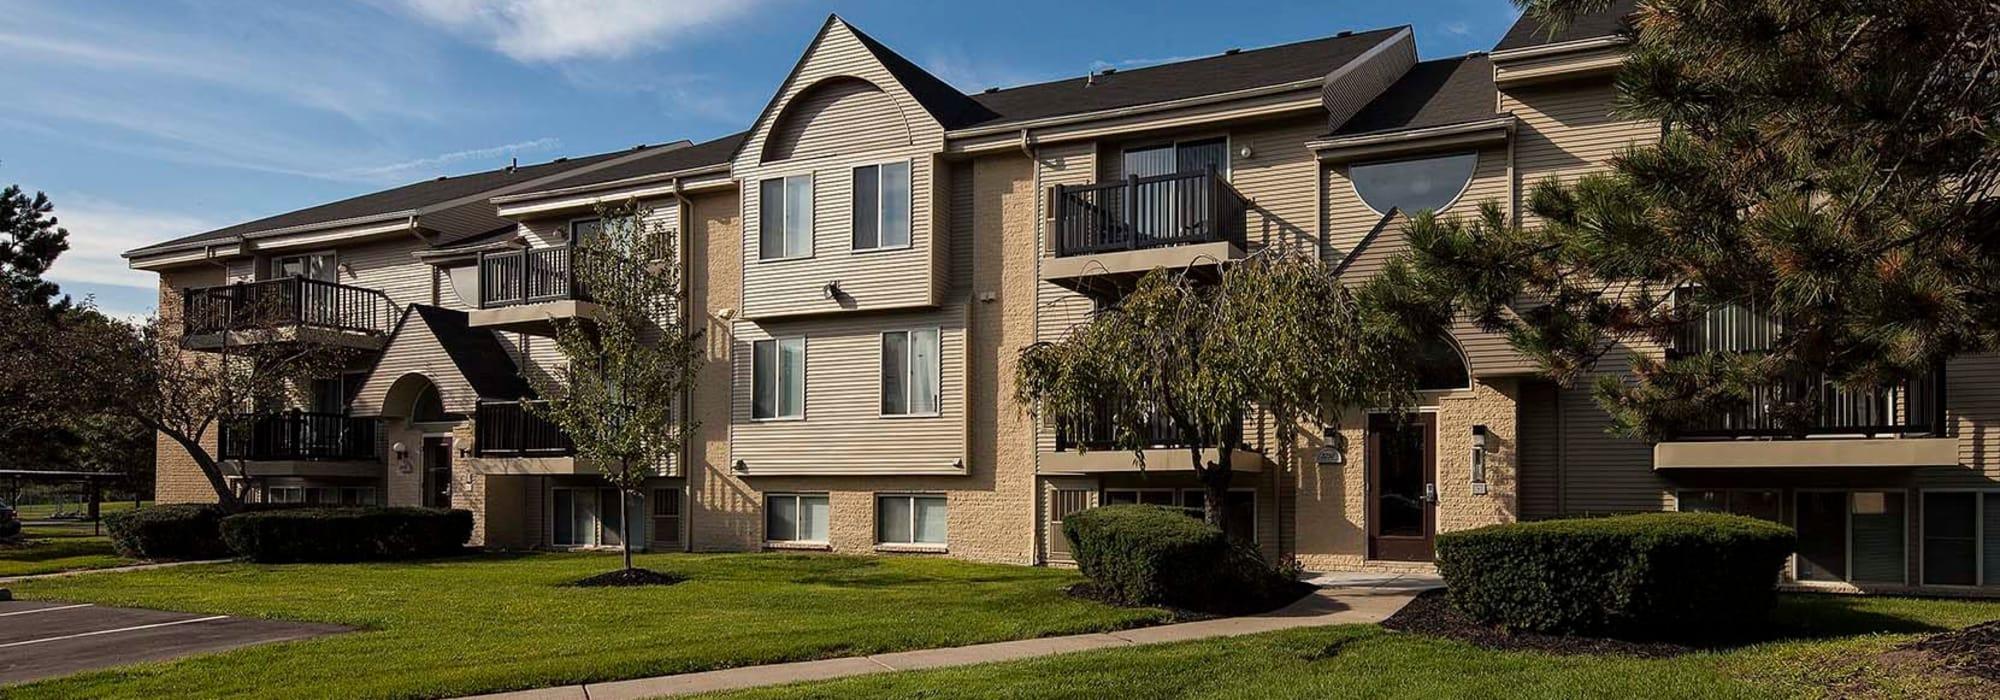 Apartments in Auburn Hills, MI